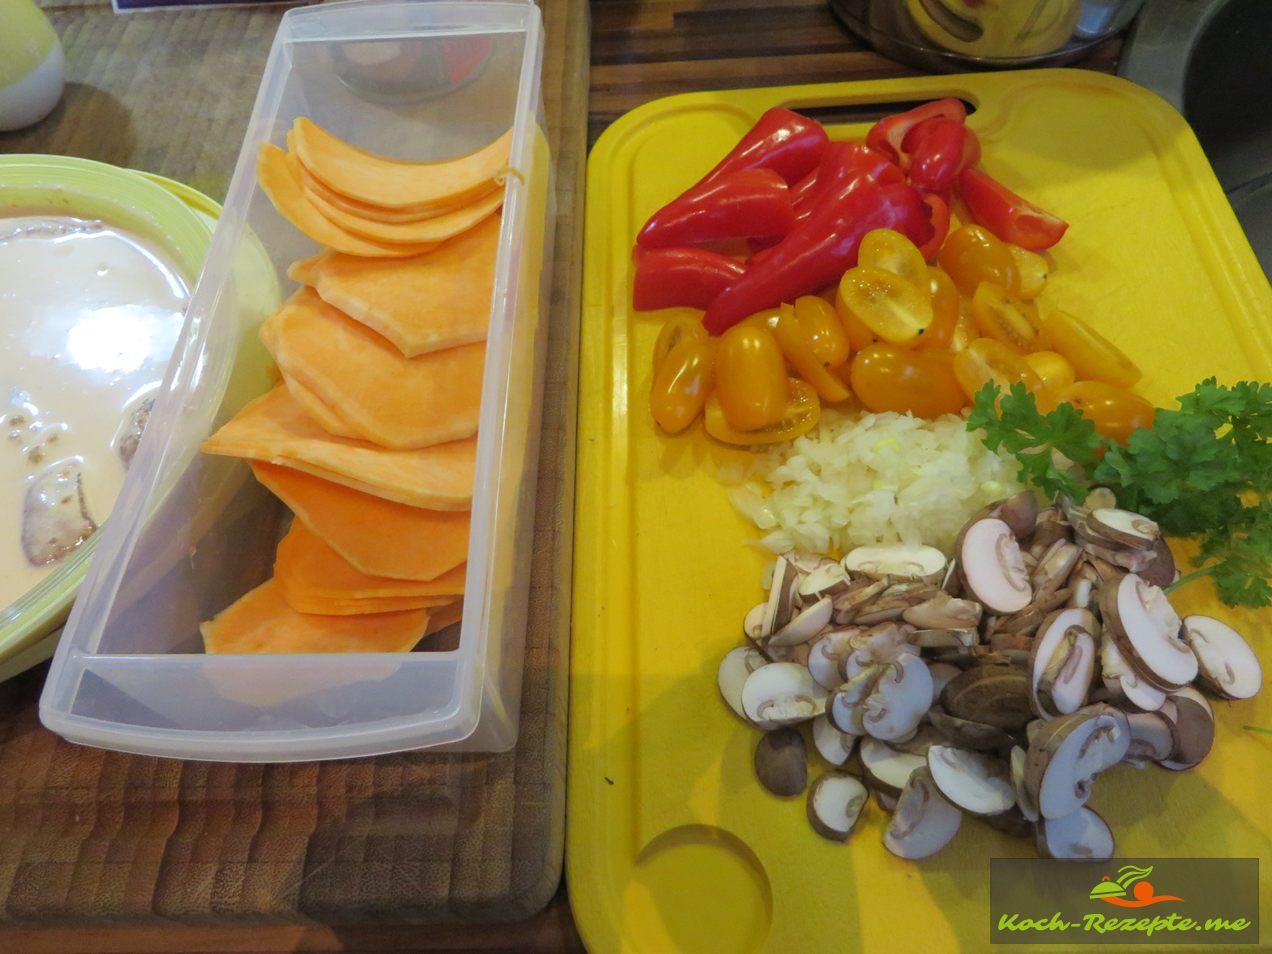 Süßkartoffelscheiben, Paprika, Zwiebeln, Tomaten, Champingnos, Petersilie